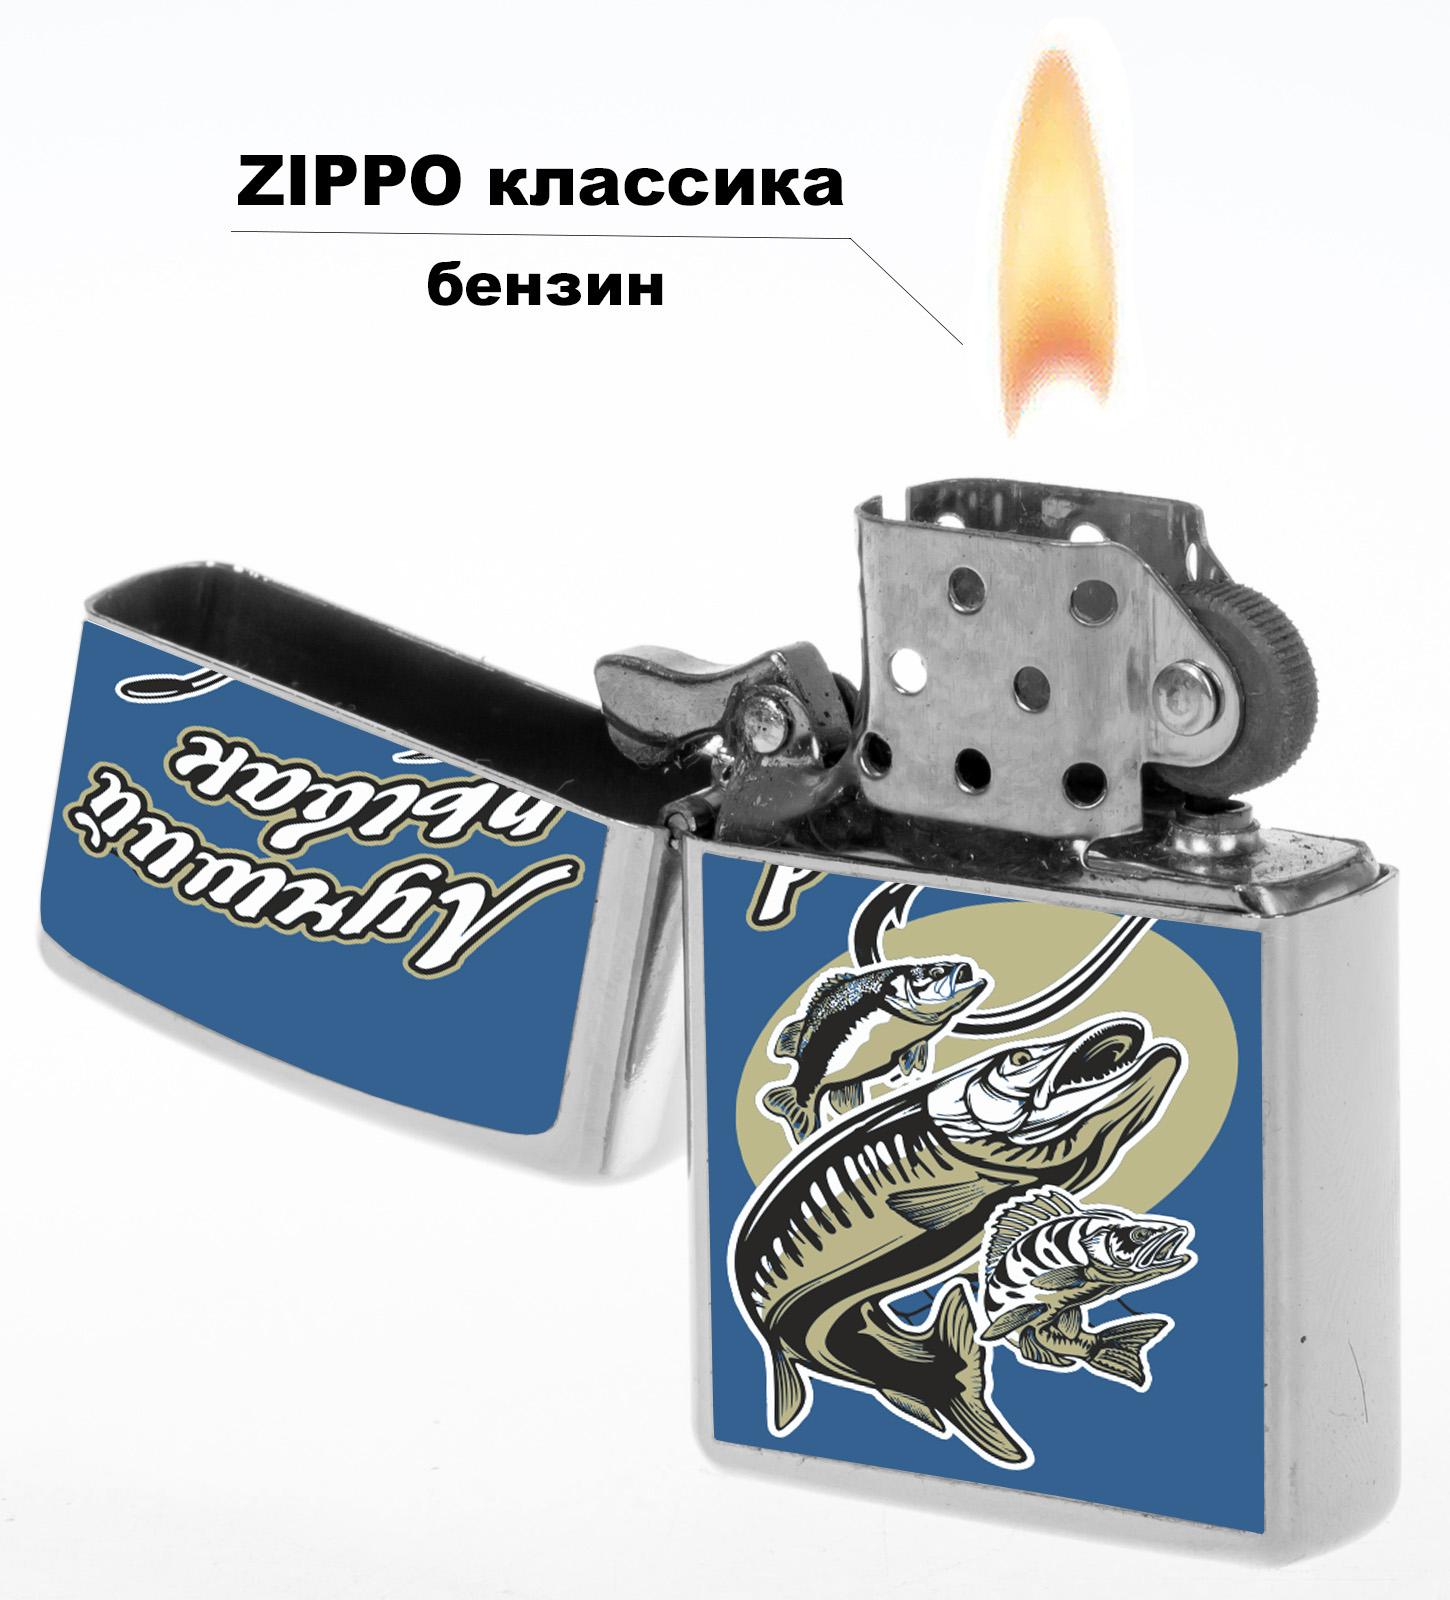 Бензиновая зажигалка Лучшего рыбака купить по привлекательной цене